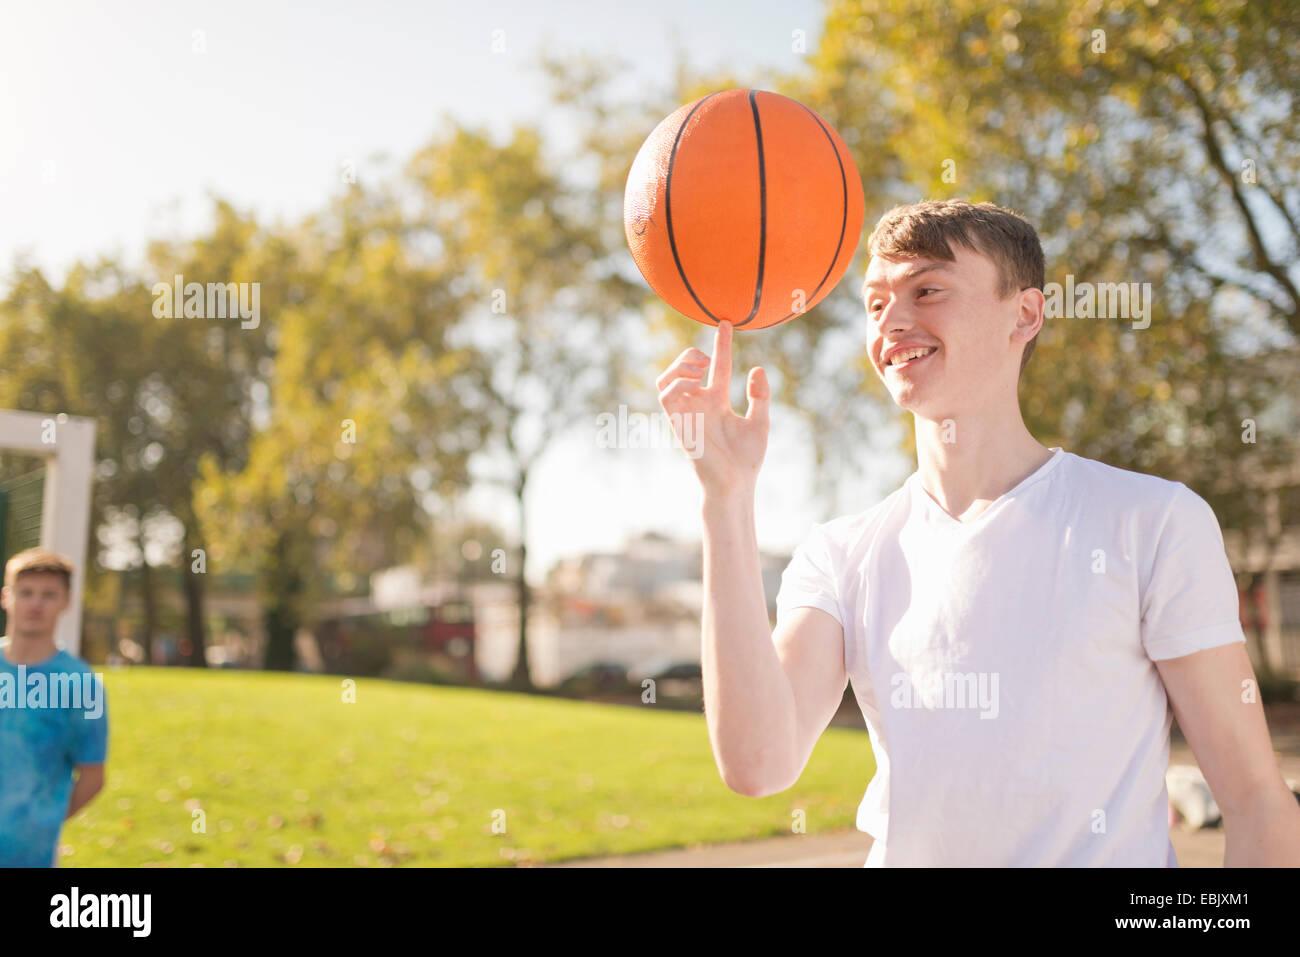 Sonriente joven jugador de baloncesto masculino de baloncesto de equilibrio sobre el dedo Imagen De Stock